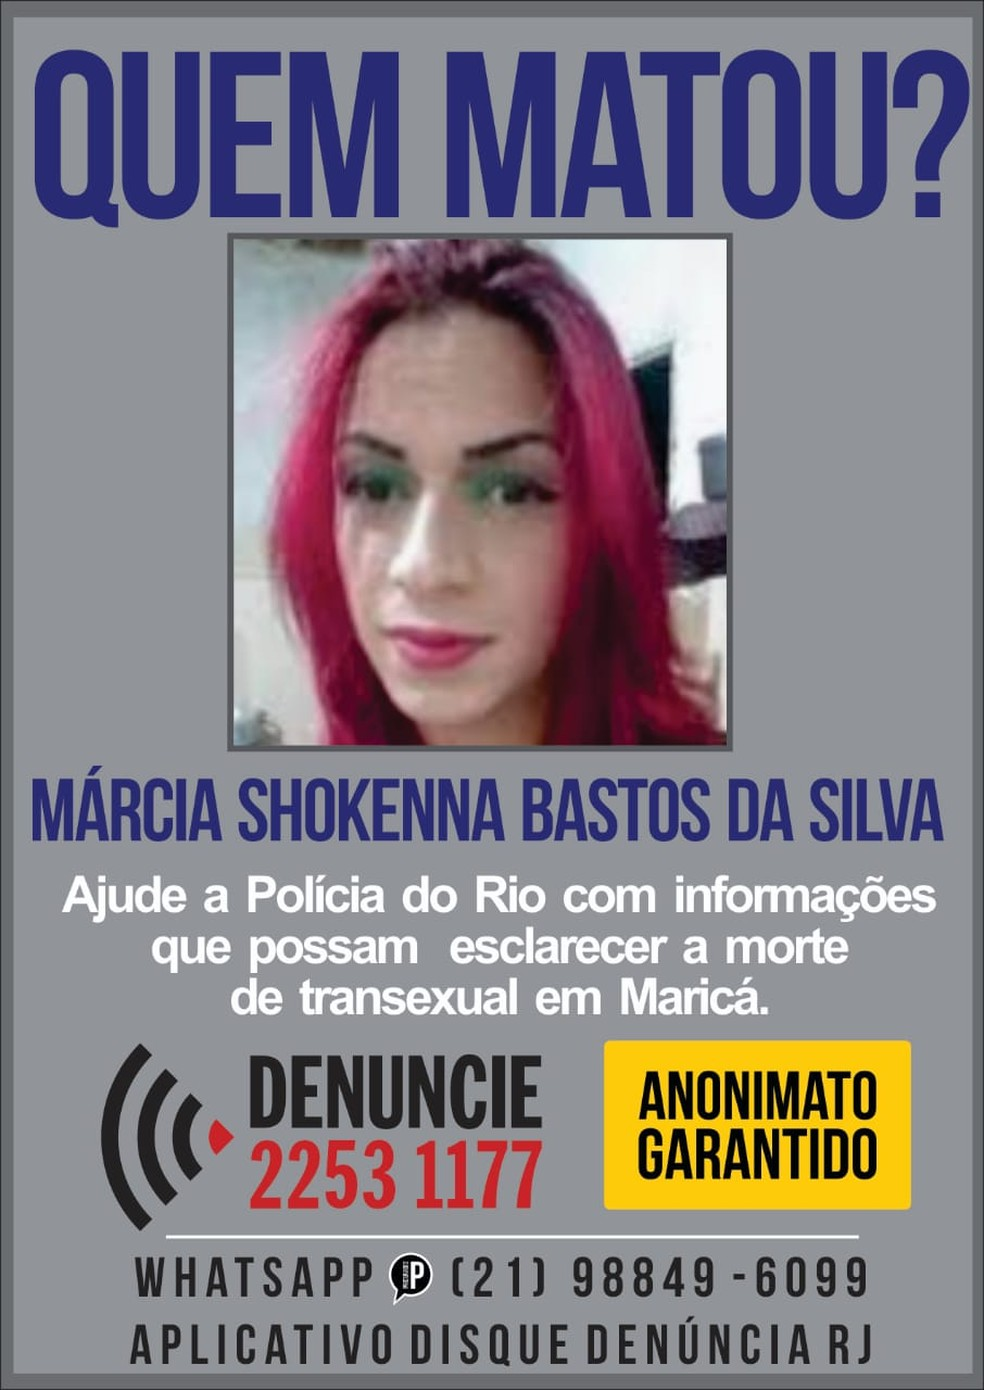 Portal dos Procurados divulga cartaz pedindo informações sobre assassinato de transexual a pauladas em Maricá — Foto: Divulgação/Portal dos Procurados